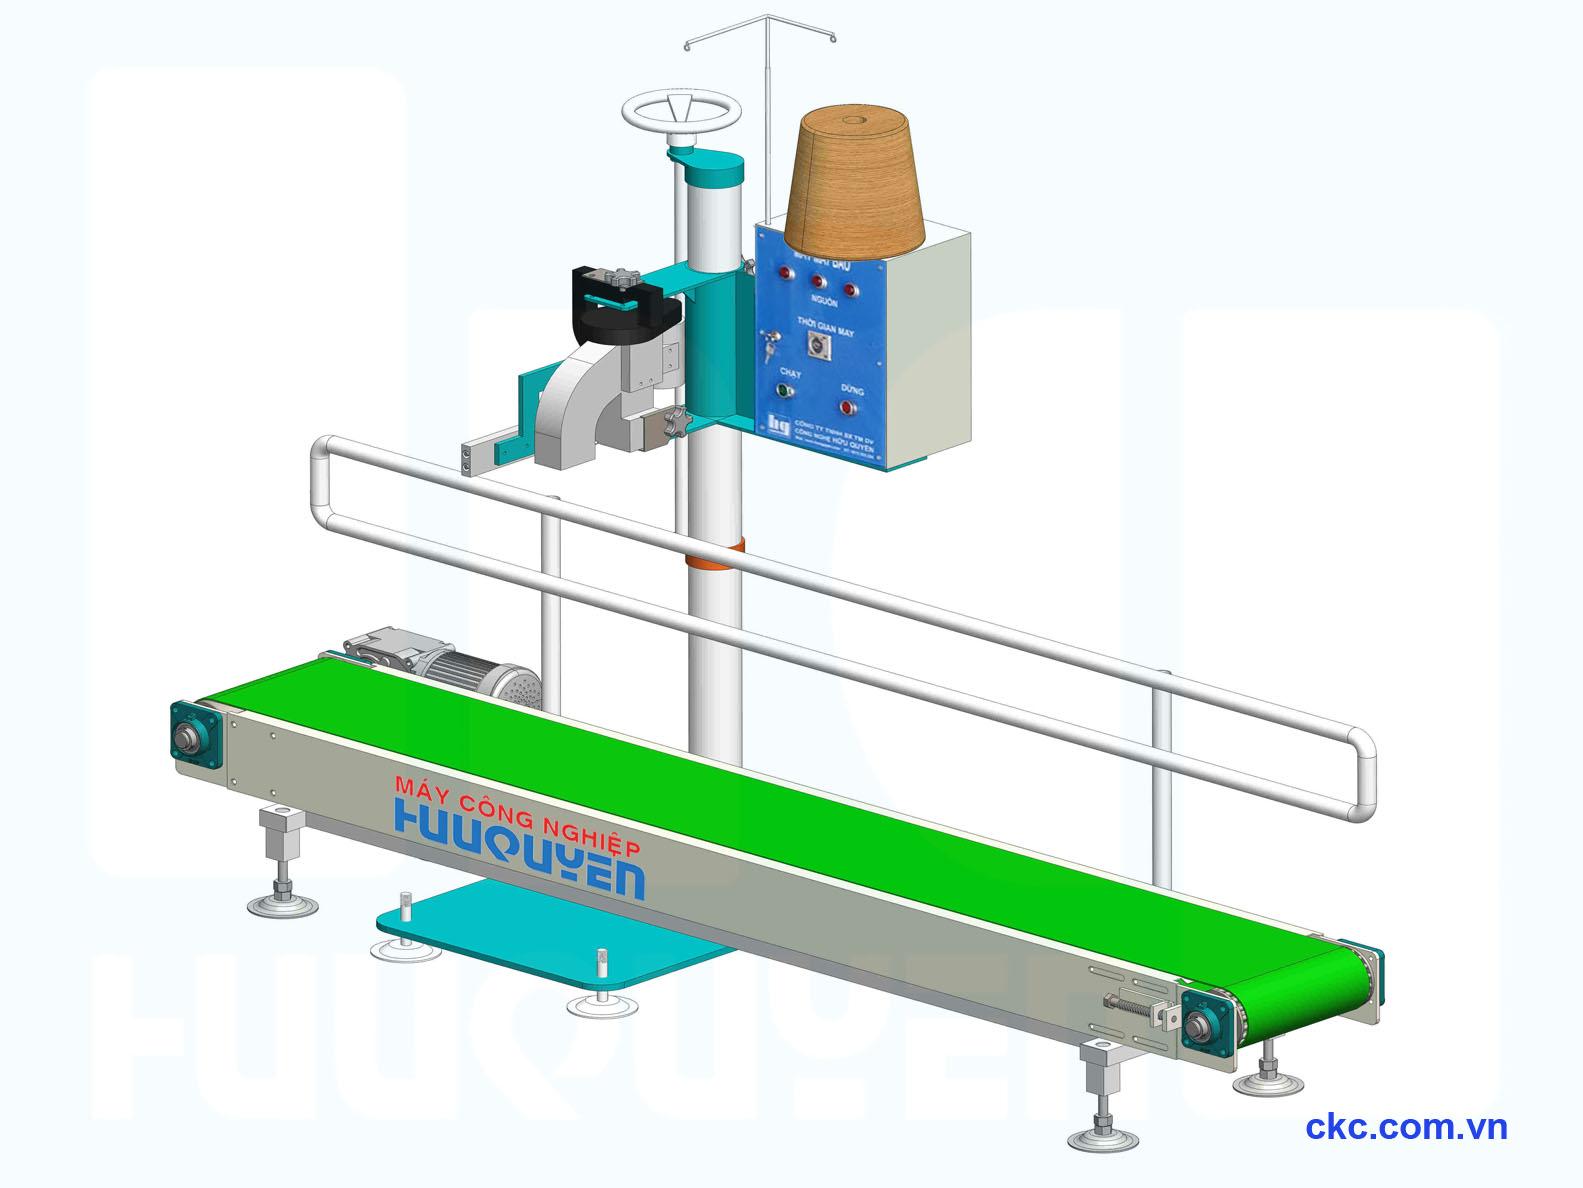 Băng tải may bao, trụ đỡ tủ điện điều khiển tự động dùng cho máy khâu miệng bao